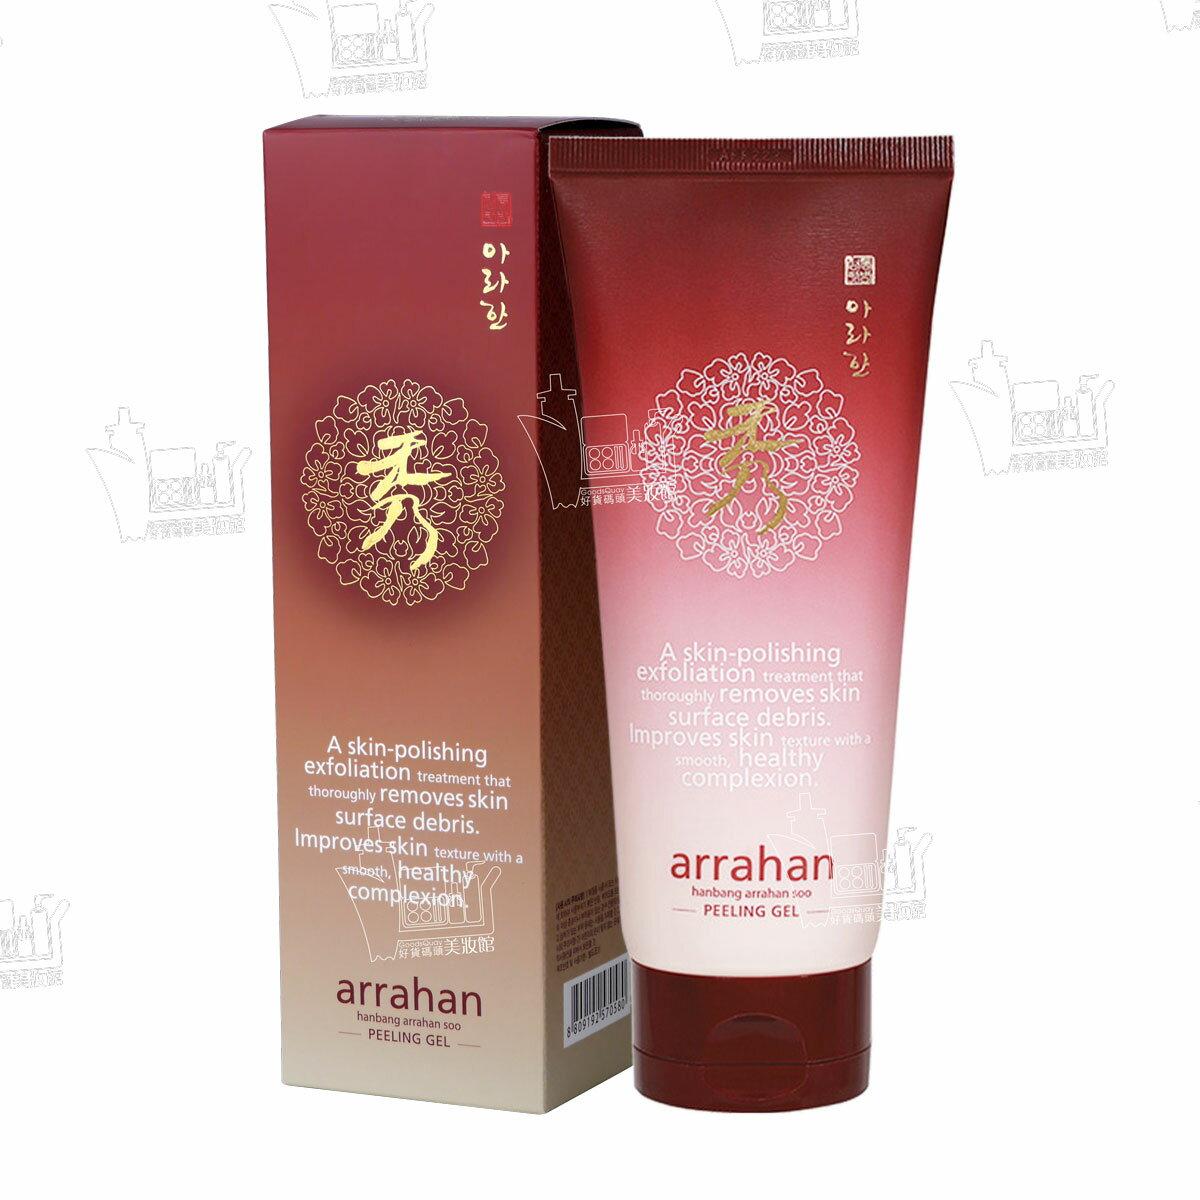 韓國製Arrahan 秀 韓方去角質凝膠檸檬凝萃草本暗沉提亮淨白/180ML